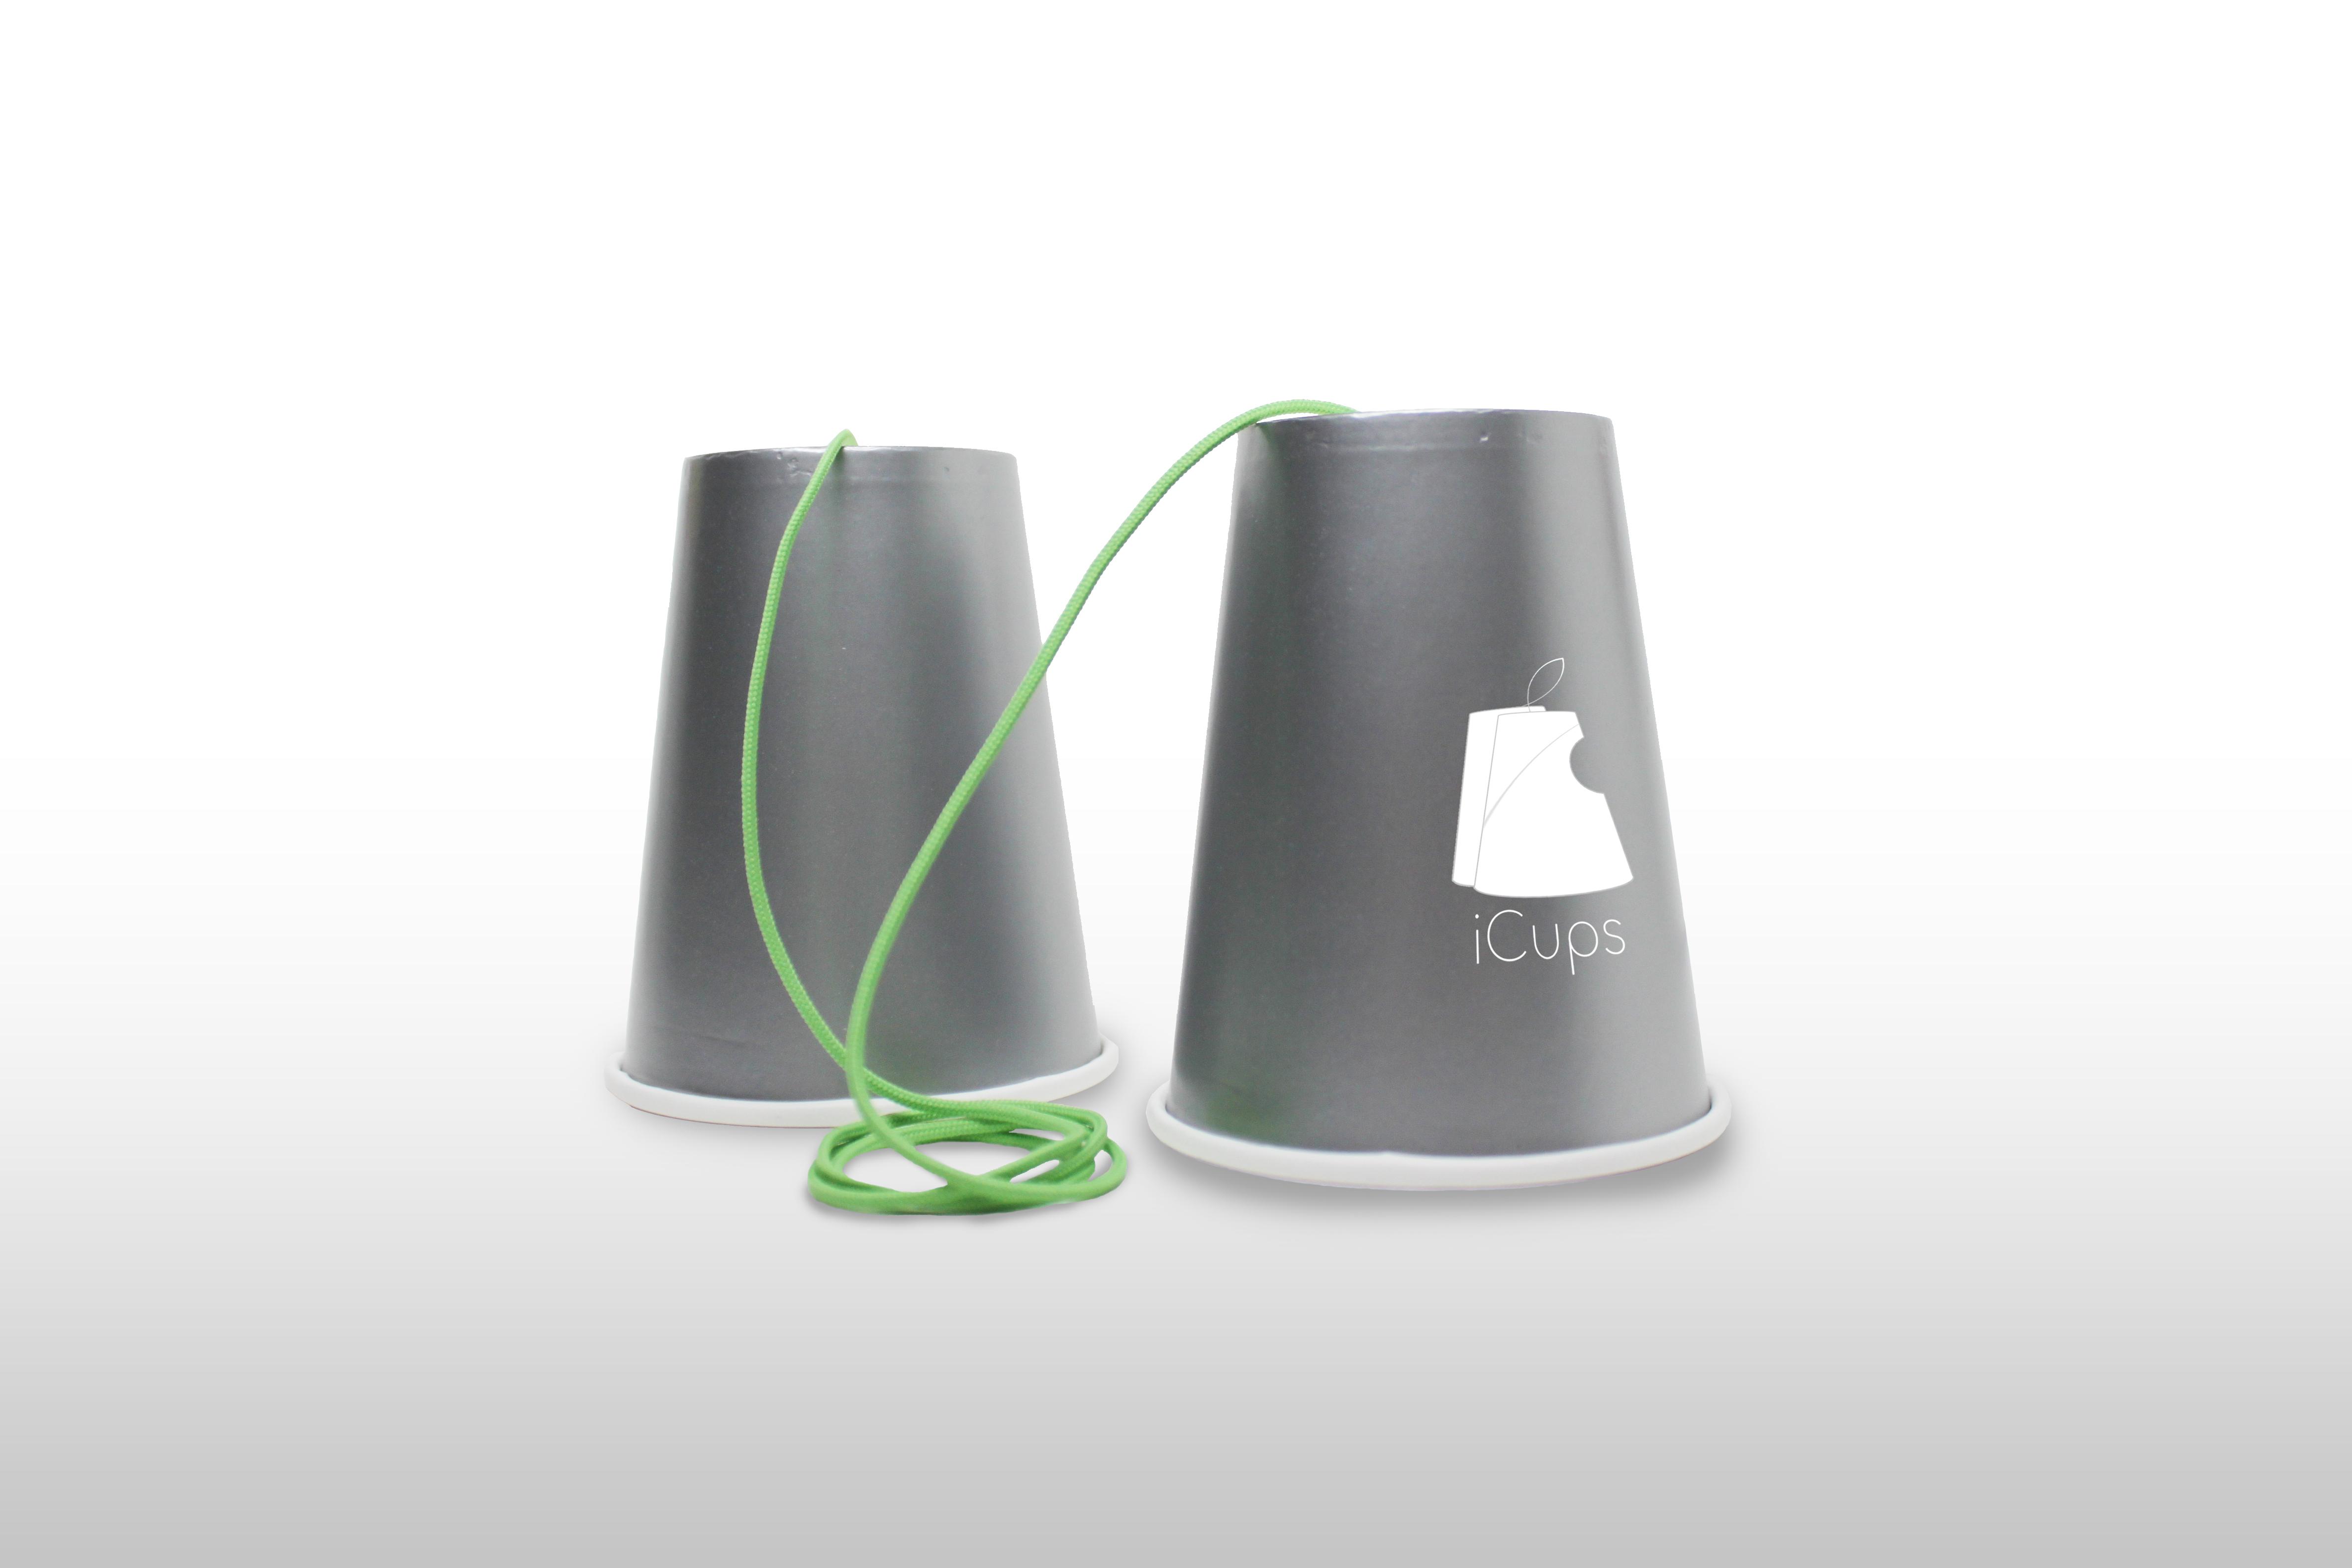 Apple-inspired Gag Gift Secures Fully